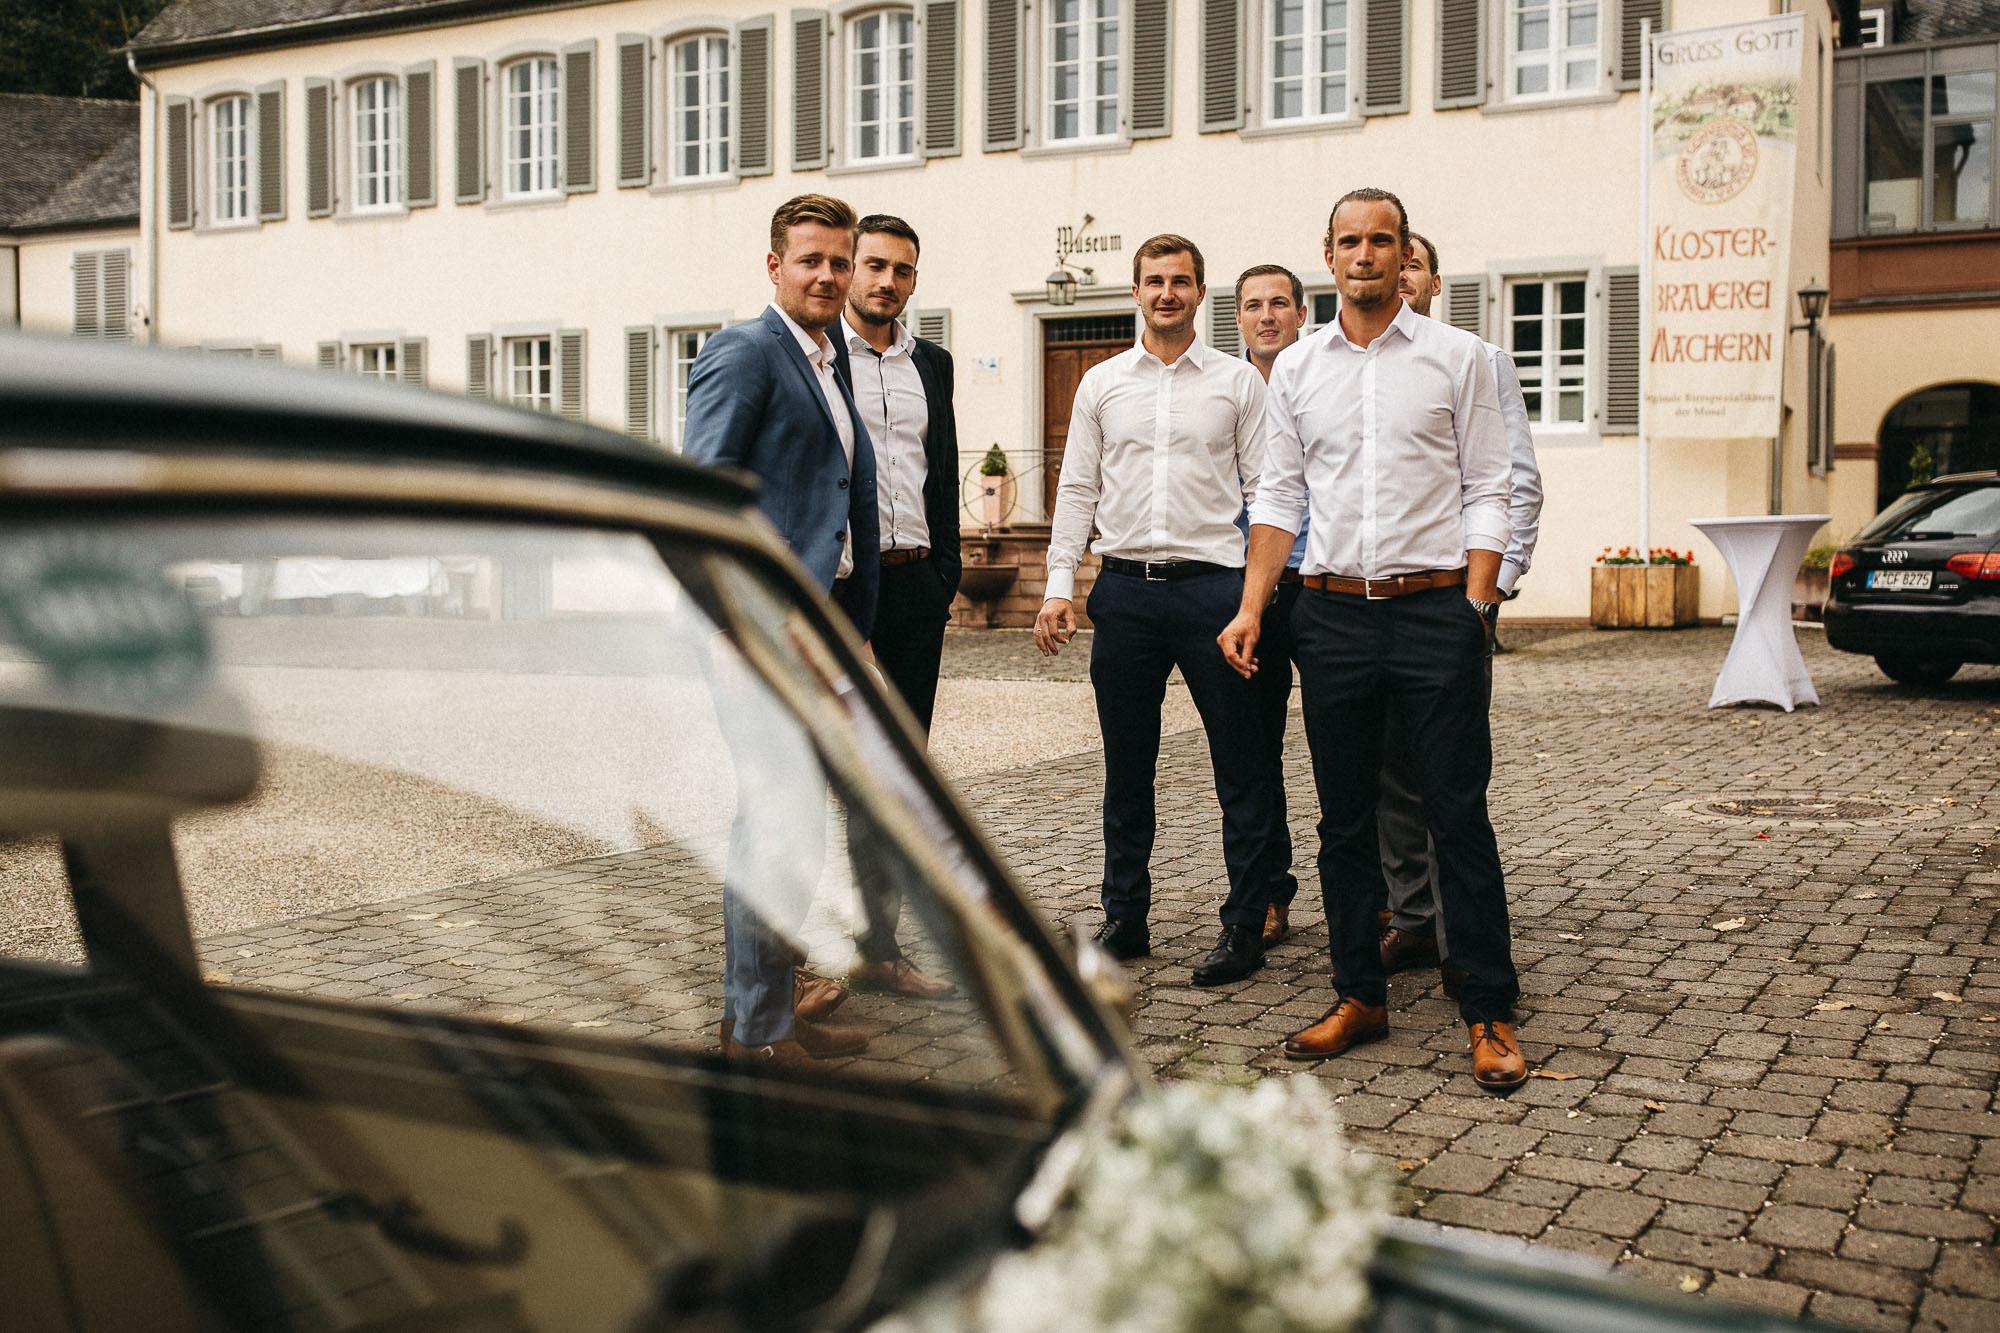 raissa simon photography wedding mosel kloster machern love authentic 644 - Kathrin + Dominik